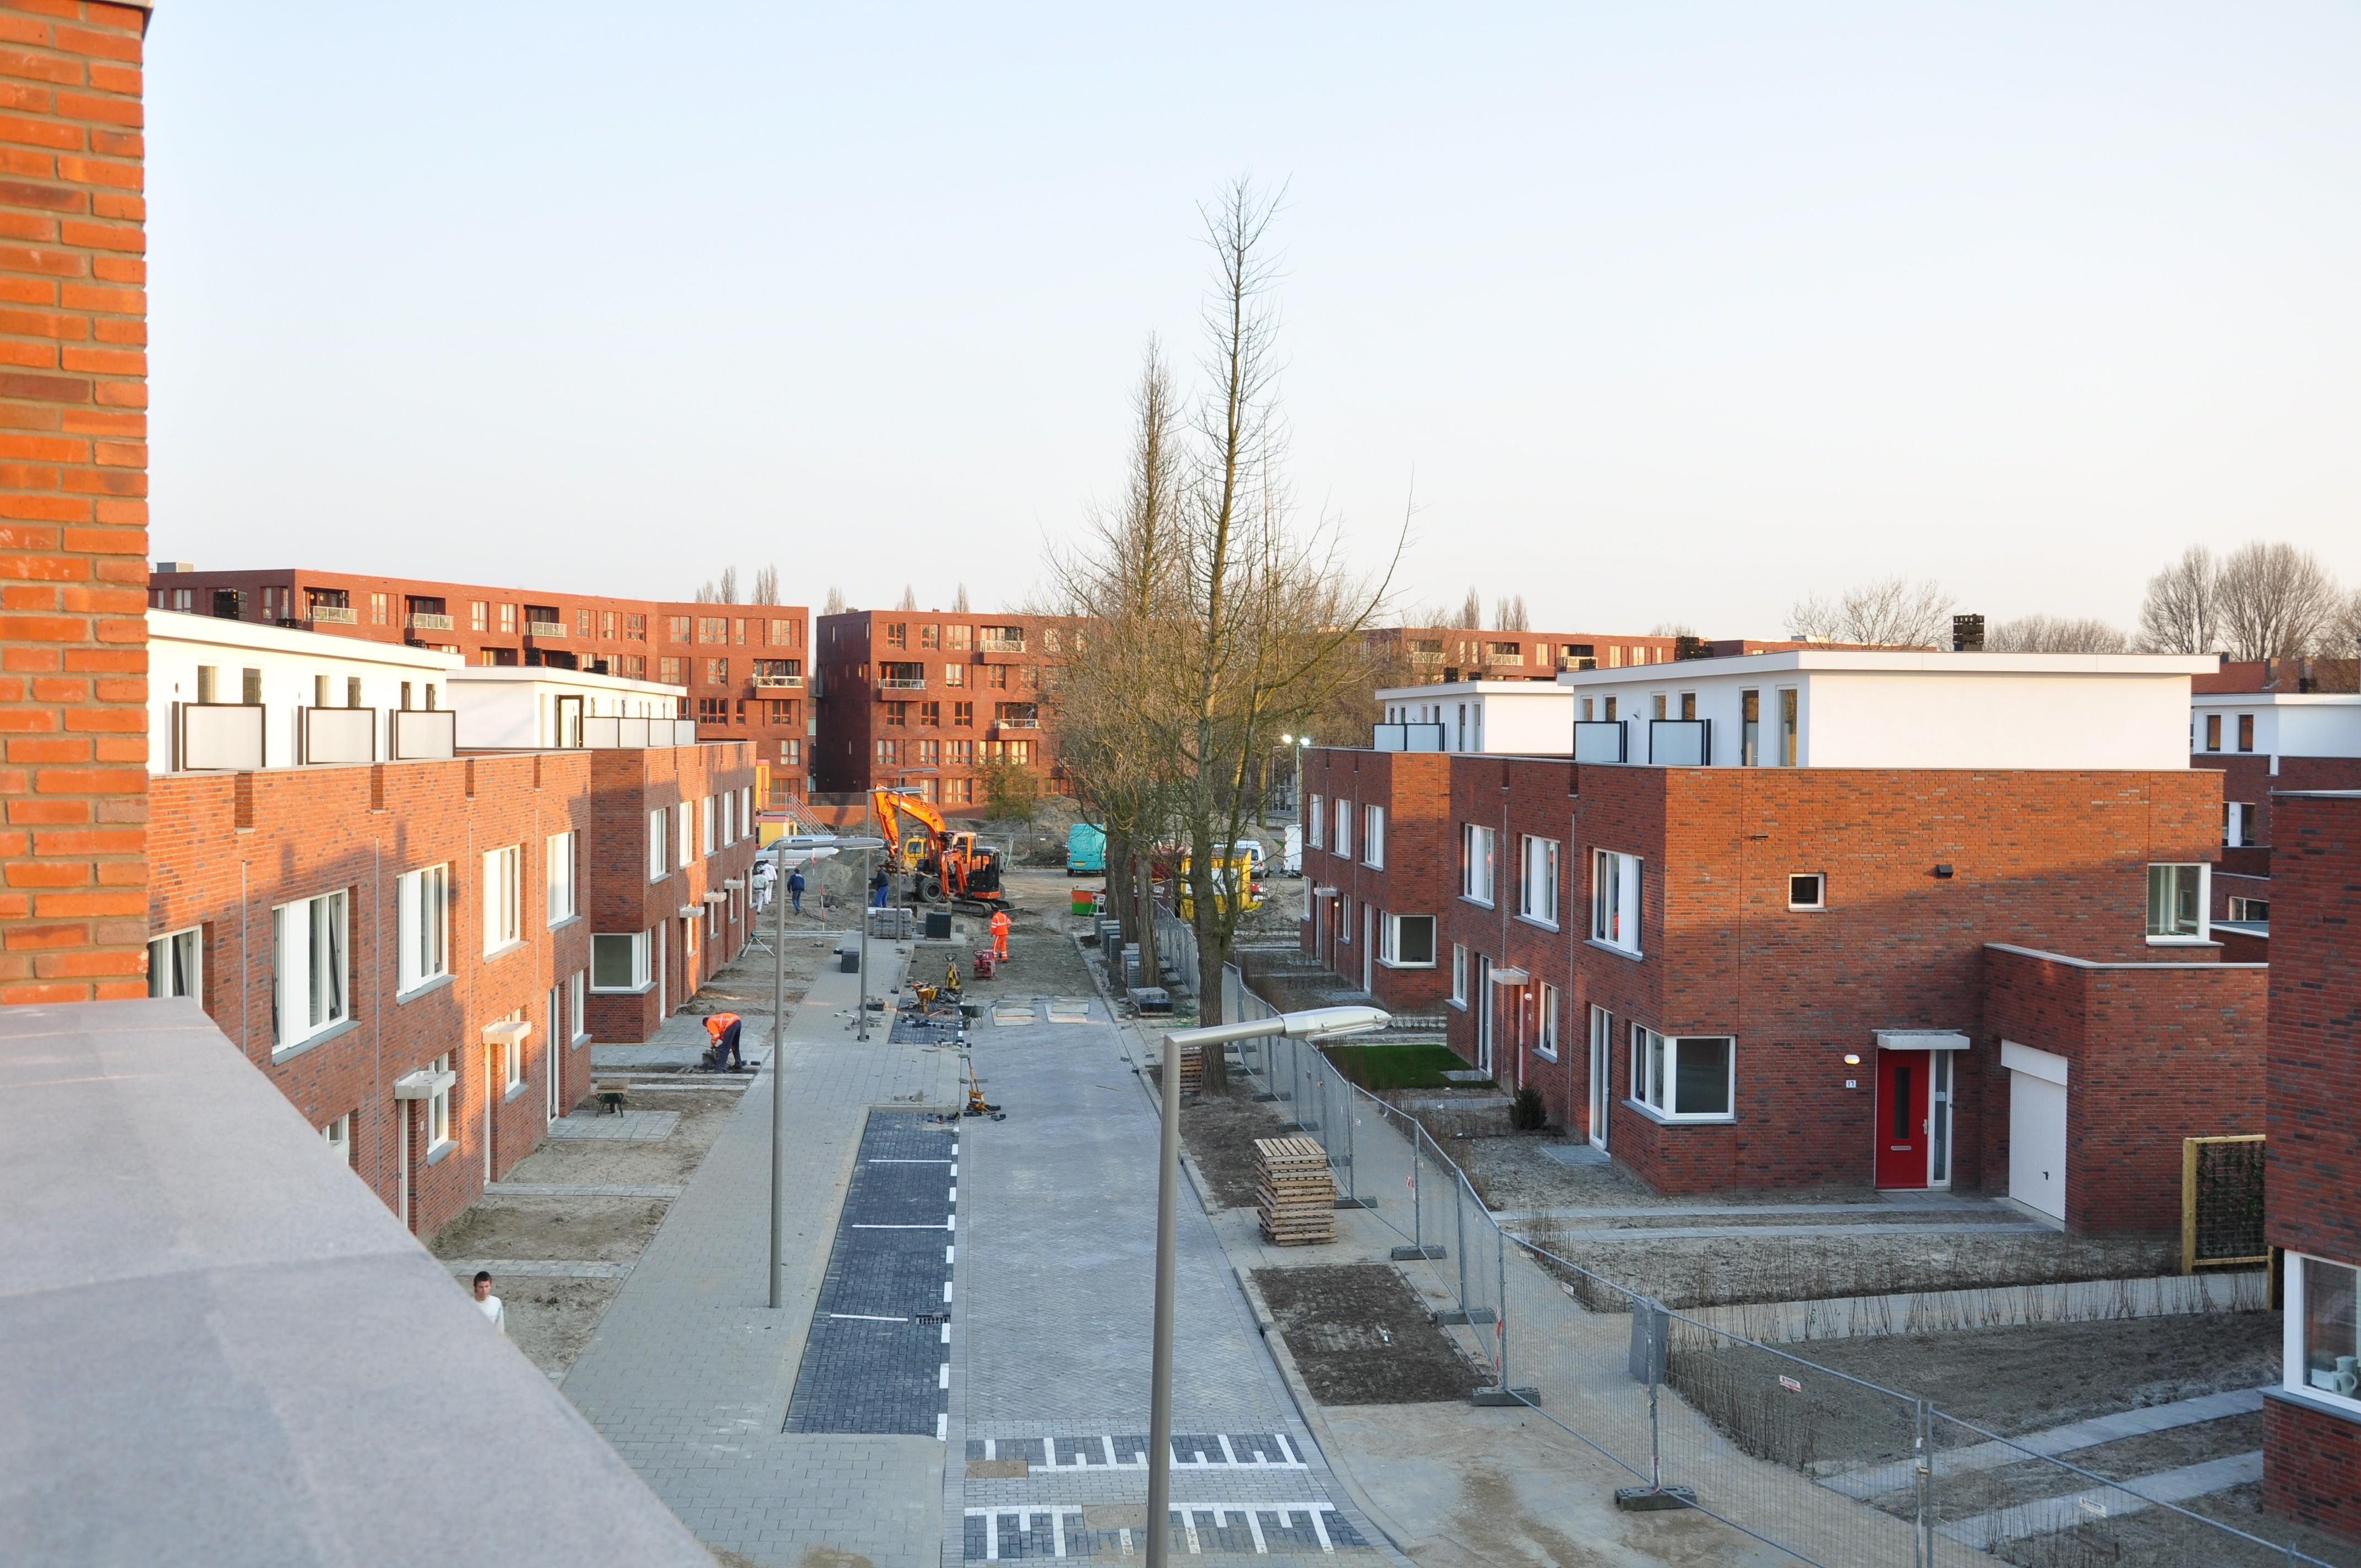 BKT_HOYT_Rotterdam_schiebroek_nieuwbouw_herenhuizen_herstructurering_toezicht_directievoering_woonmodule_04.jpg